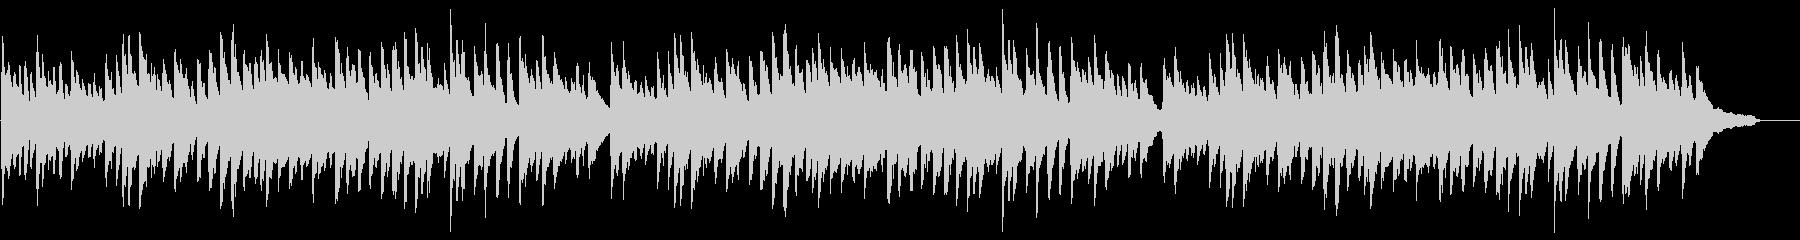 「ふるさと」ピアノ伴奏 ト長調の未再生の波形